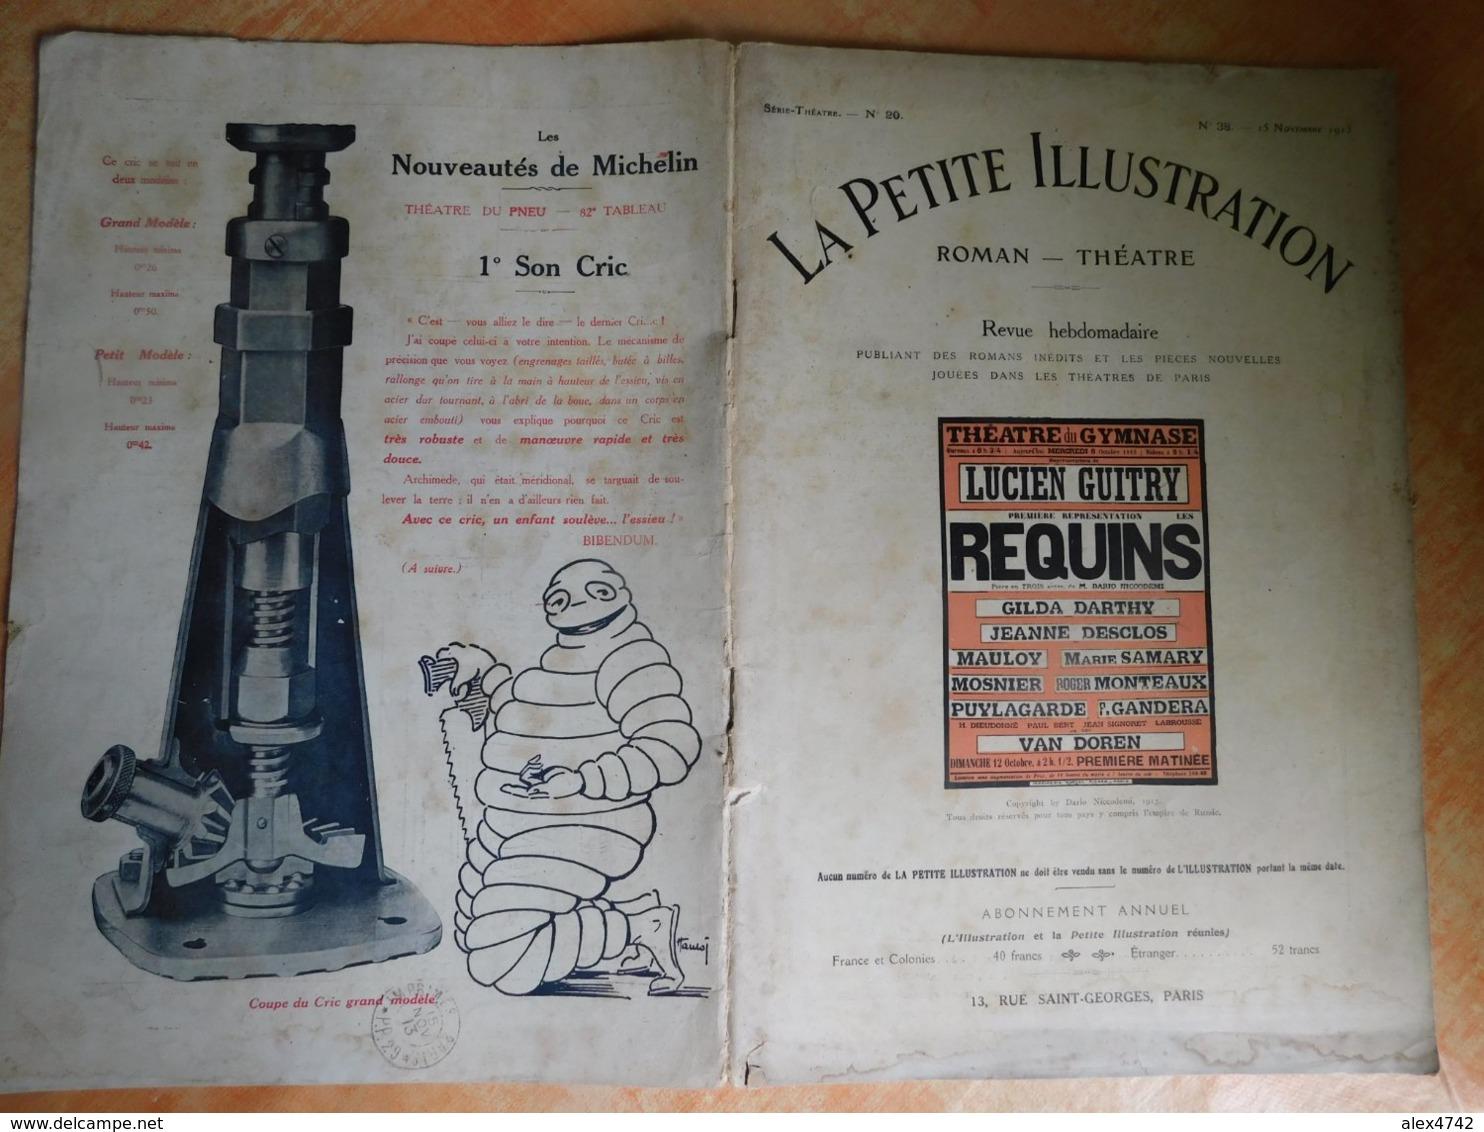 La Petite Illustration, Roman - Théatre, 20, 15/11/1913, Publicité Michelin  (Box5) - Theater